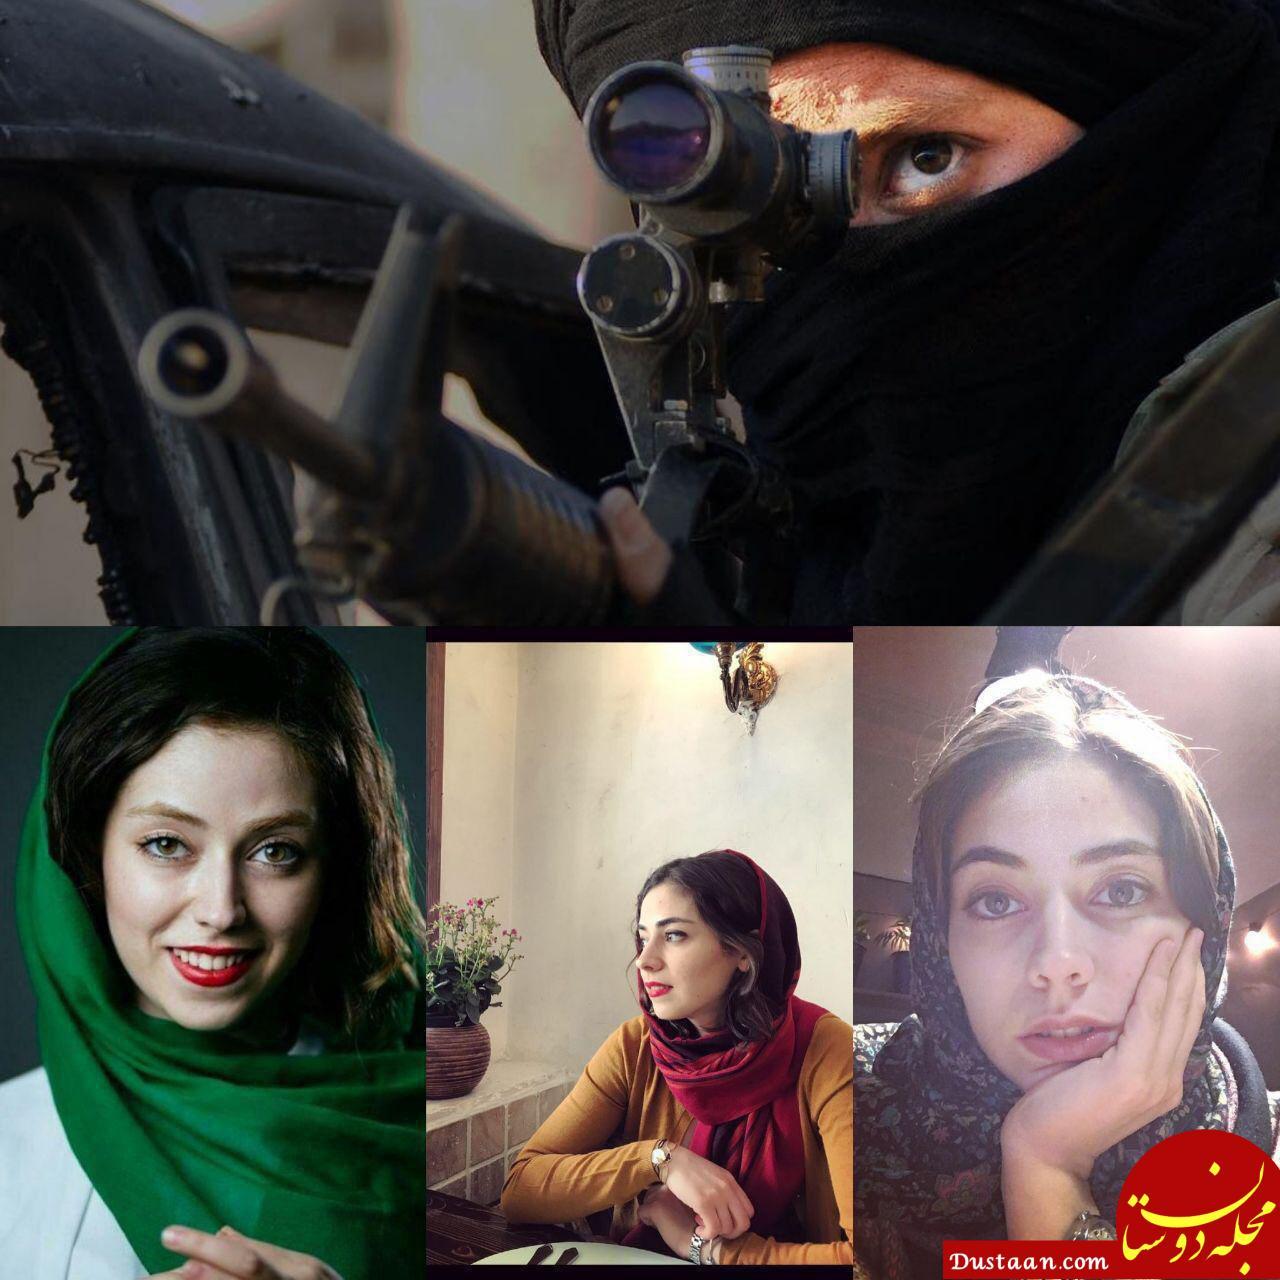 بیوگرافی نیلوفر رجایی فر بازیگر نقش الیزابت در سریال پایتخت